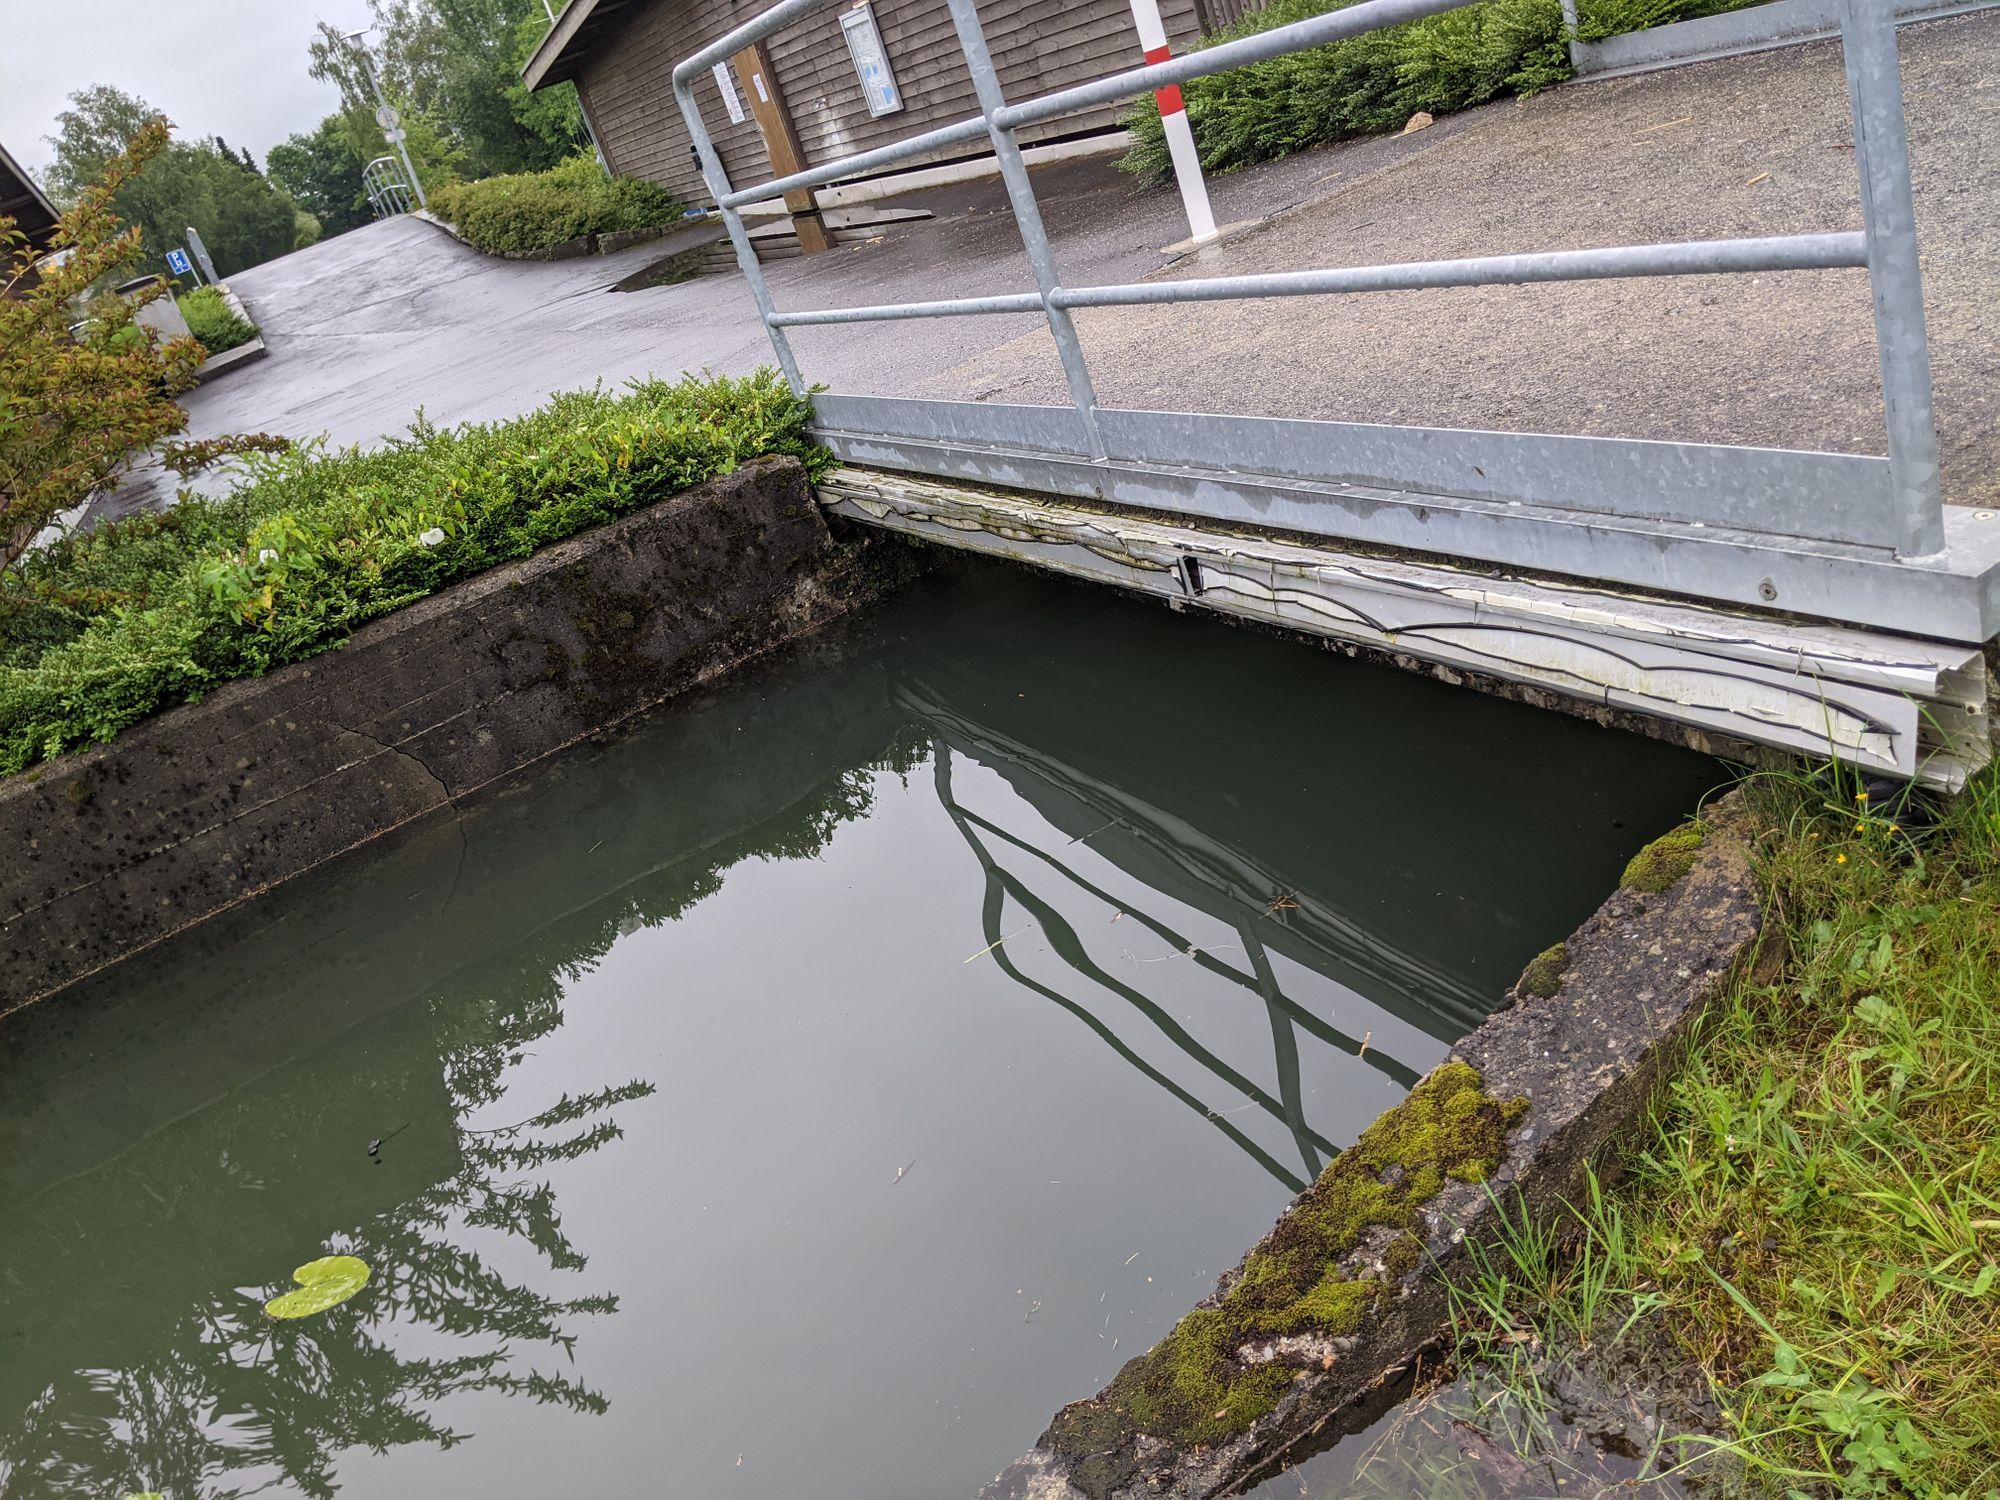 Kein Durchkommen mehr mit dem Boot unter dieser Brücke (Foto: Thomas Müller, 8716.ch)